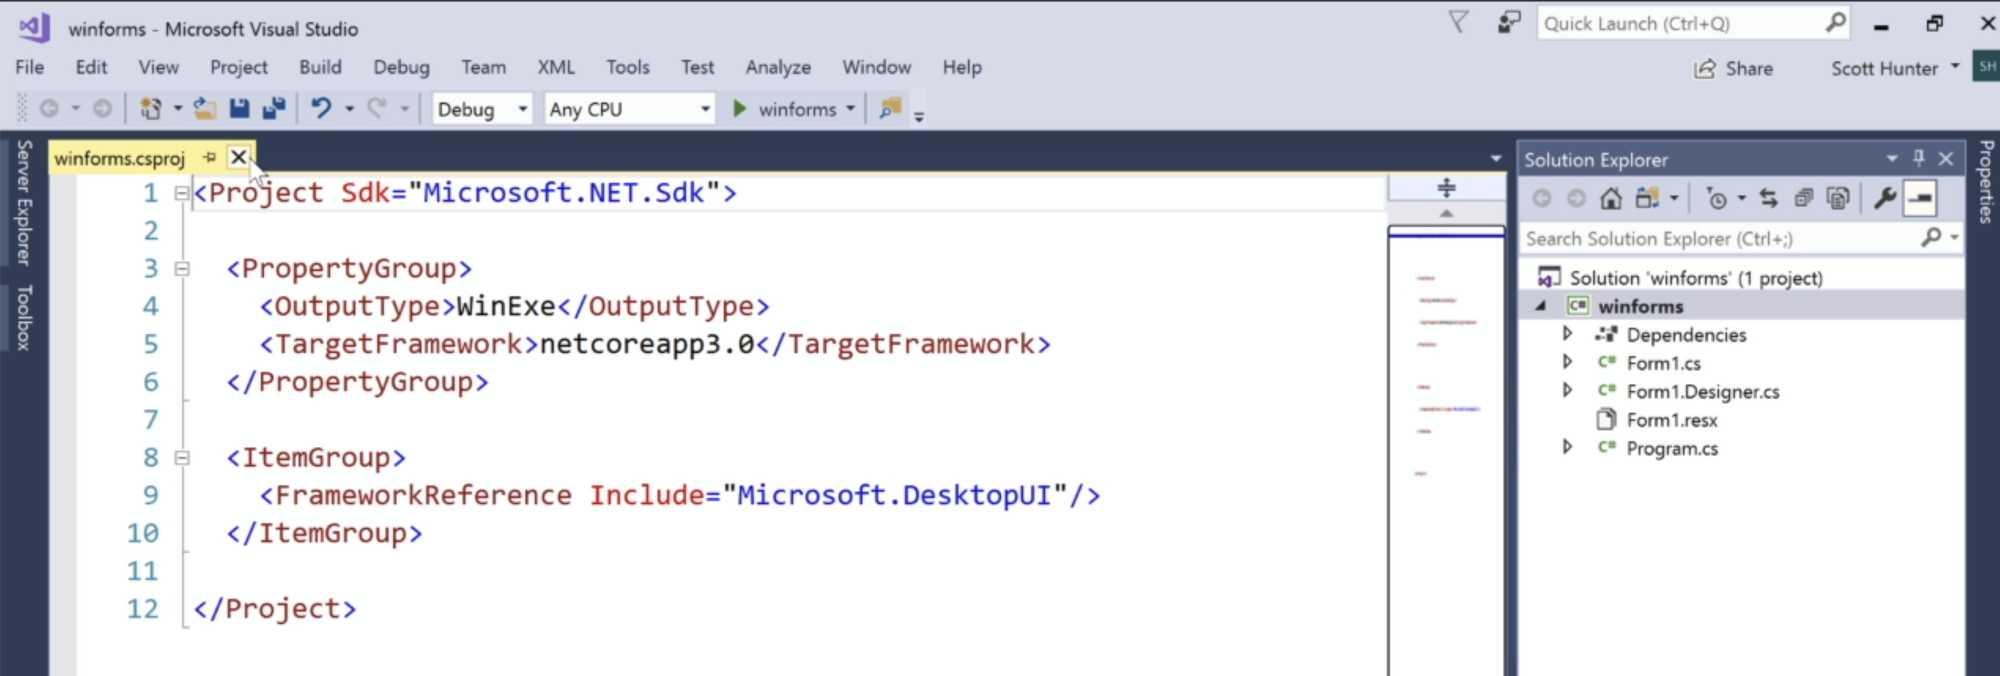 Eine einfache Windows-Forms-Anwendung auf .NET Core 3.0 in Visual Studio 2017